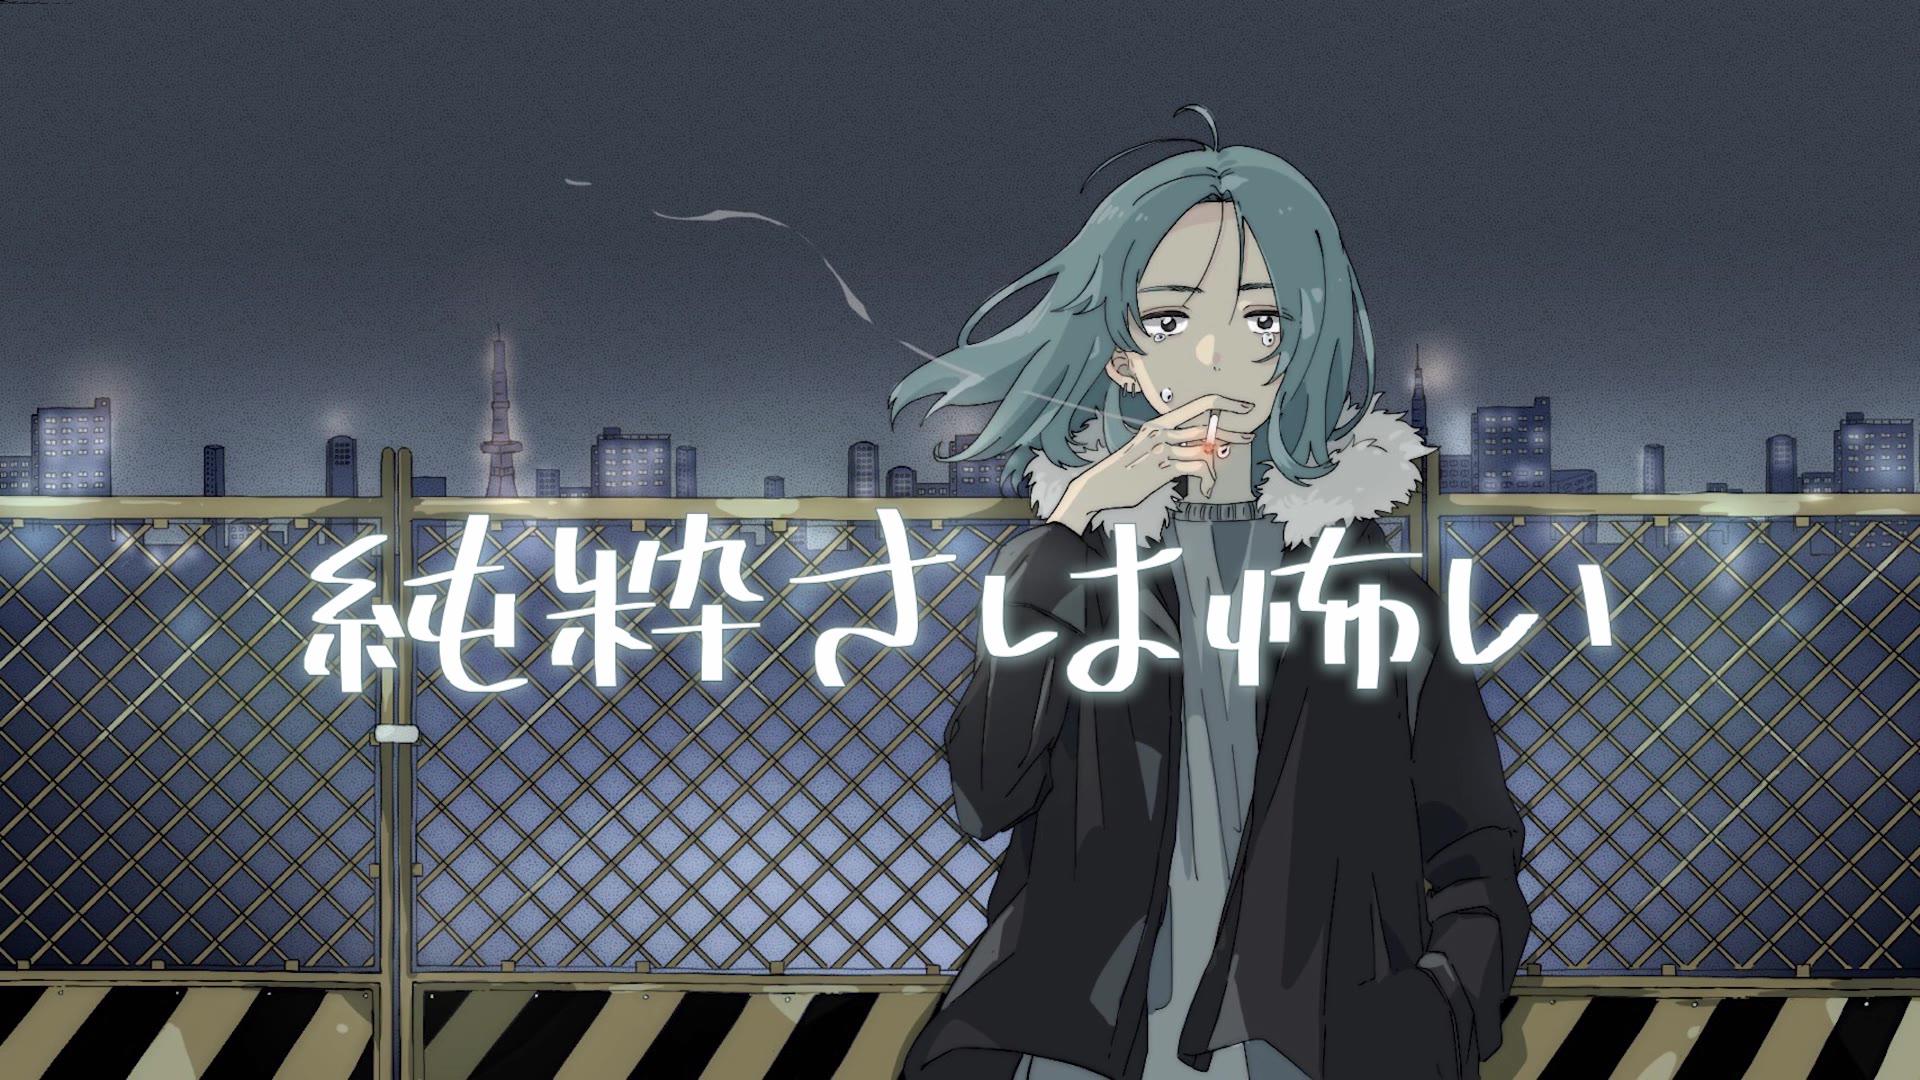 aun - 純粋さは怖い feat. 初音ミク